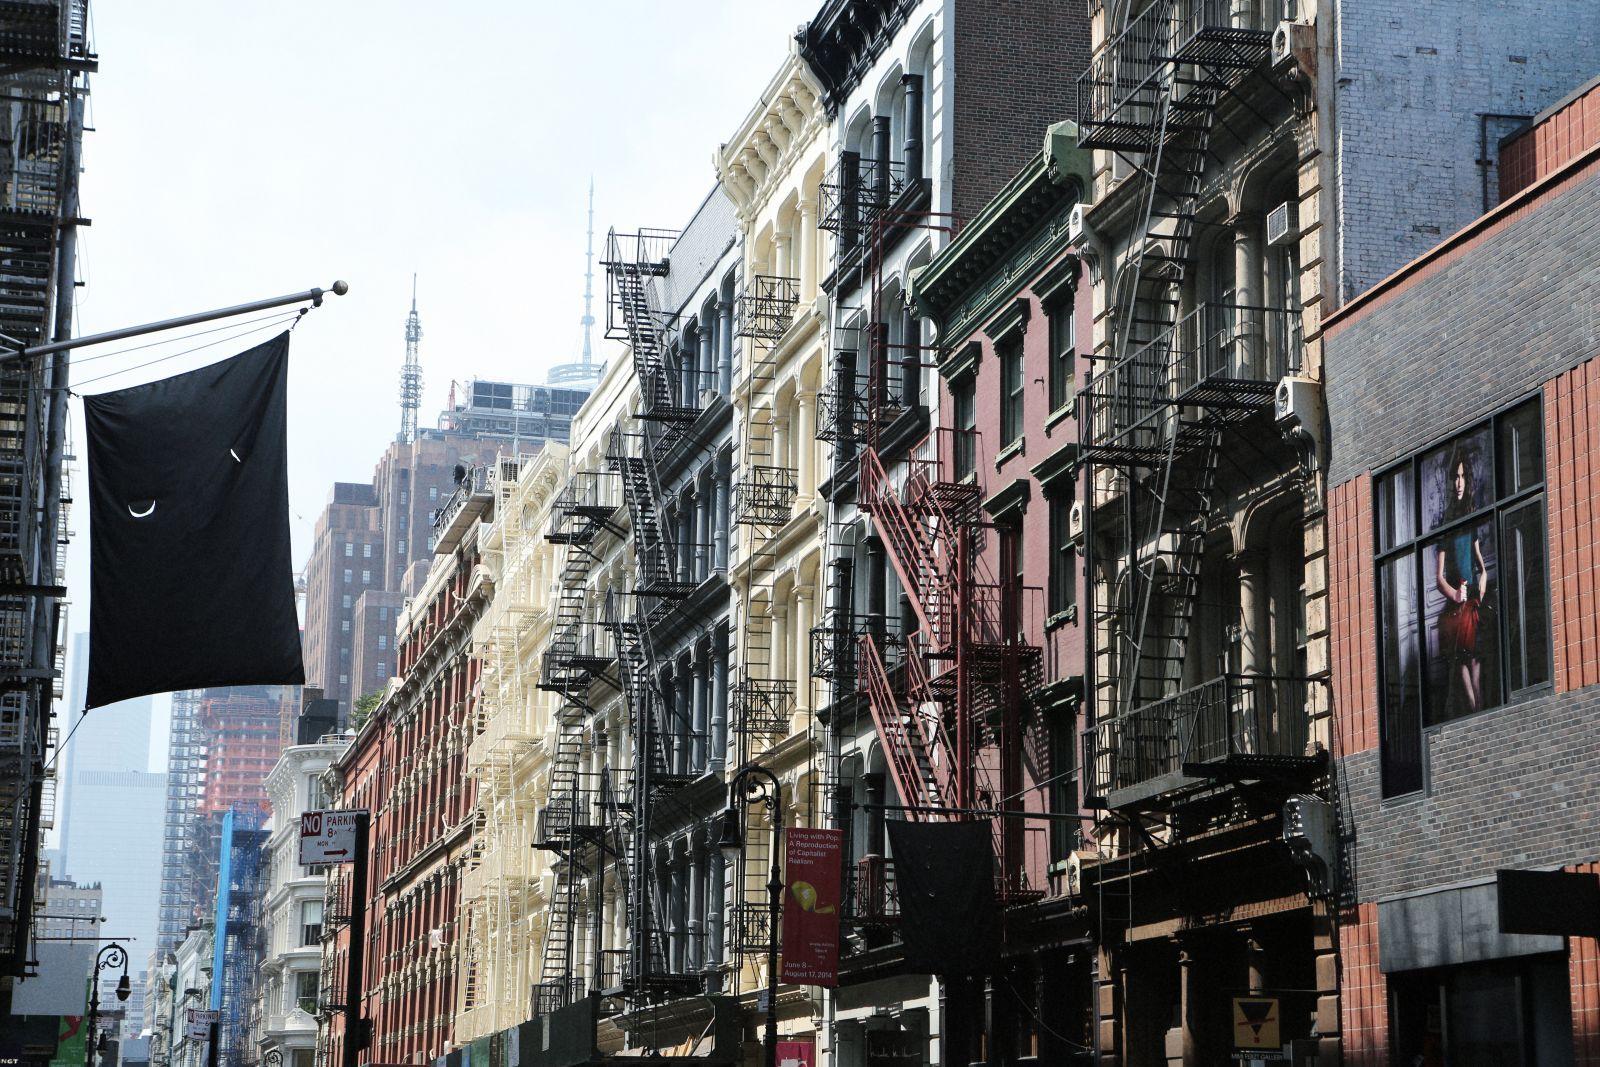 Душевный гид по особенностям Нью-Йорка от Оли Цибульской: дремучий лес, безграничные возможности и одиночество - фото №6